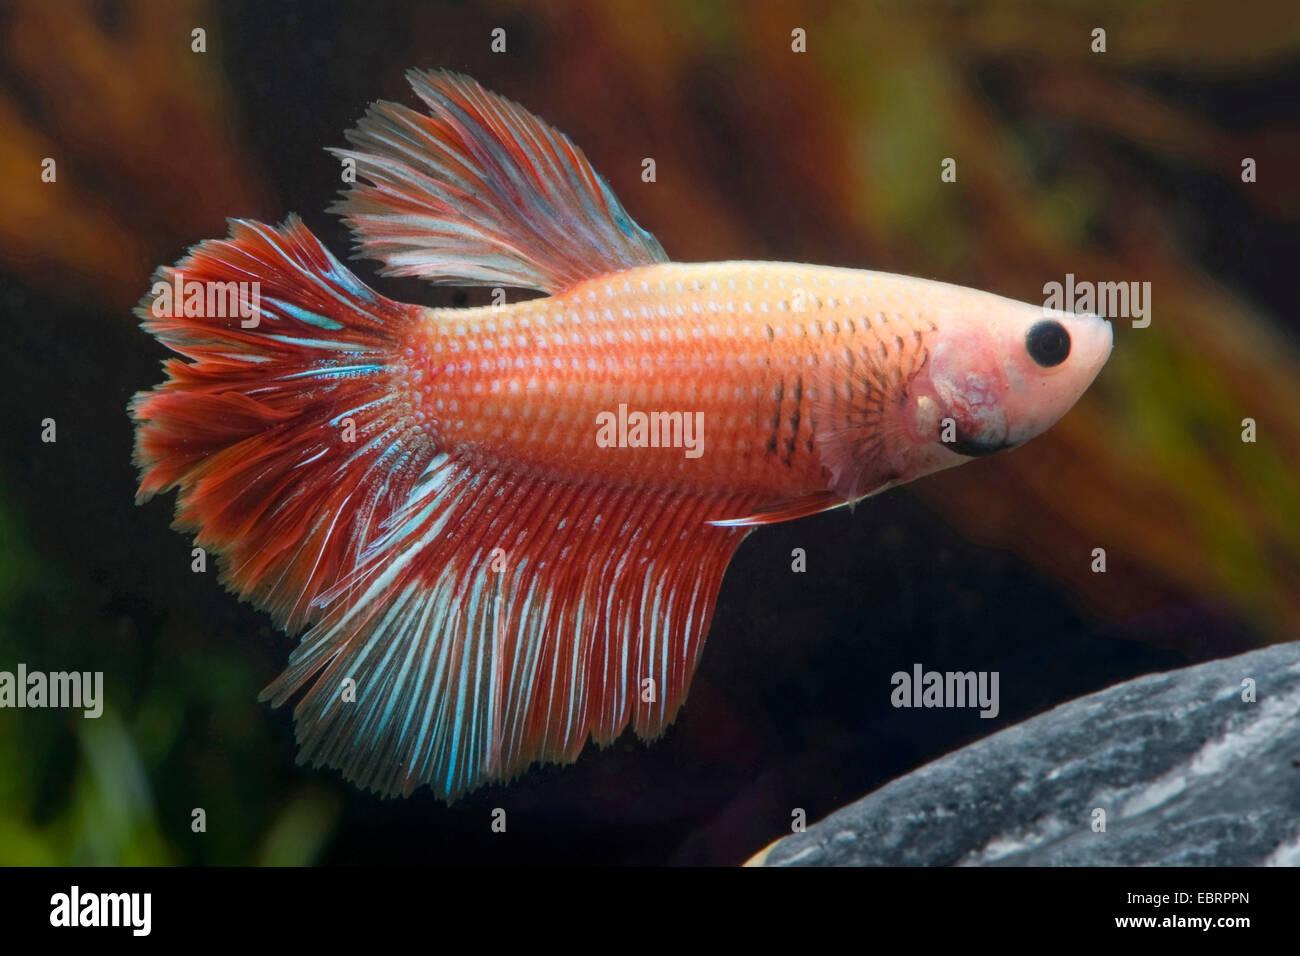 Siamese fighting fish, Siamese fighter (Betta splendens), breed Halfmoon Mirabelle - Stock Image